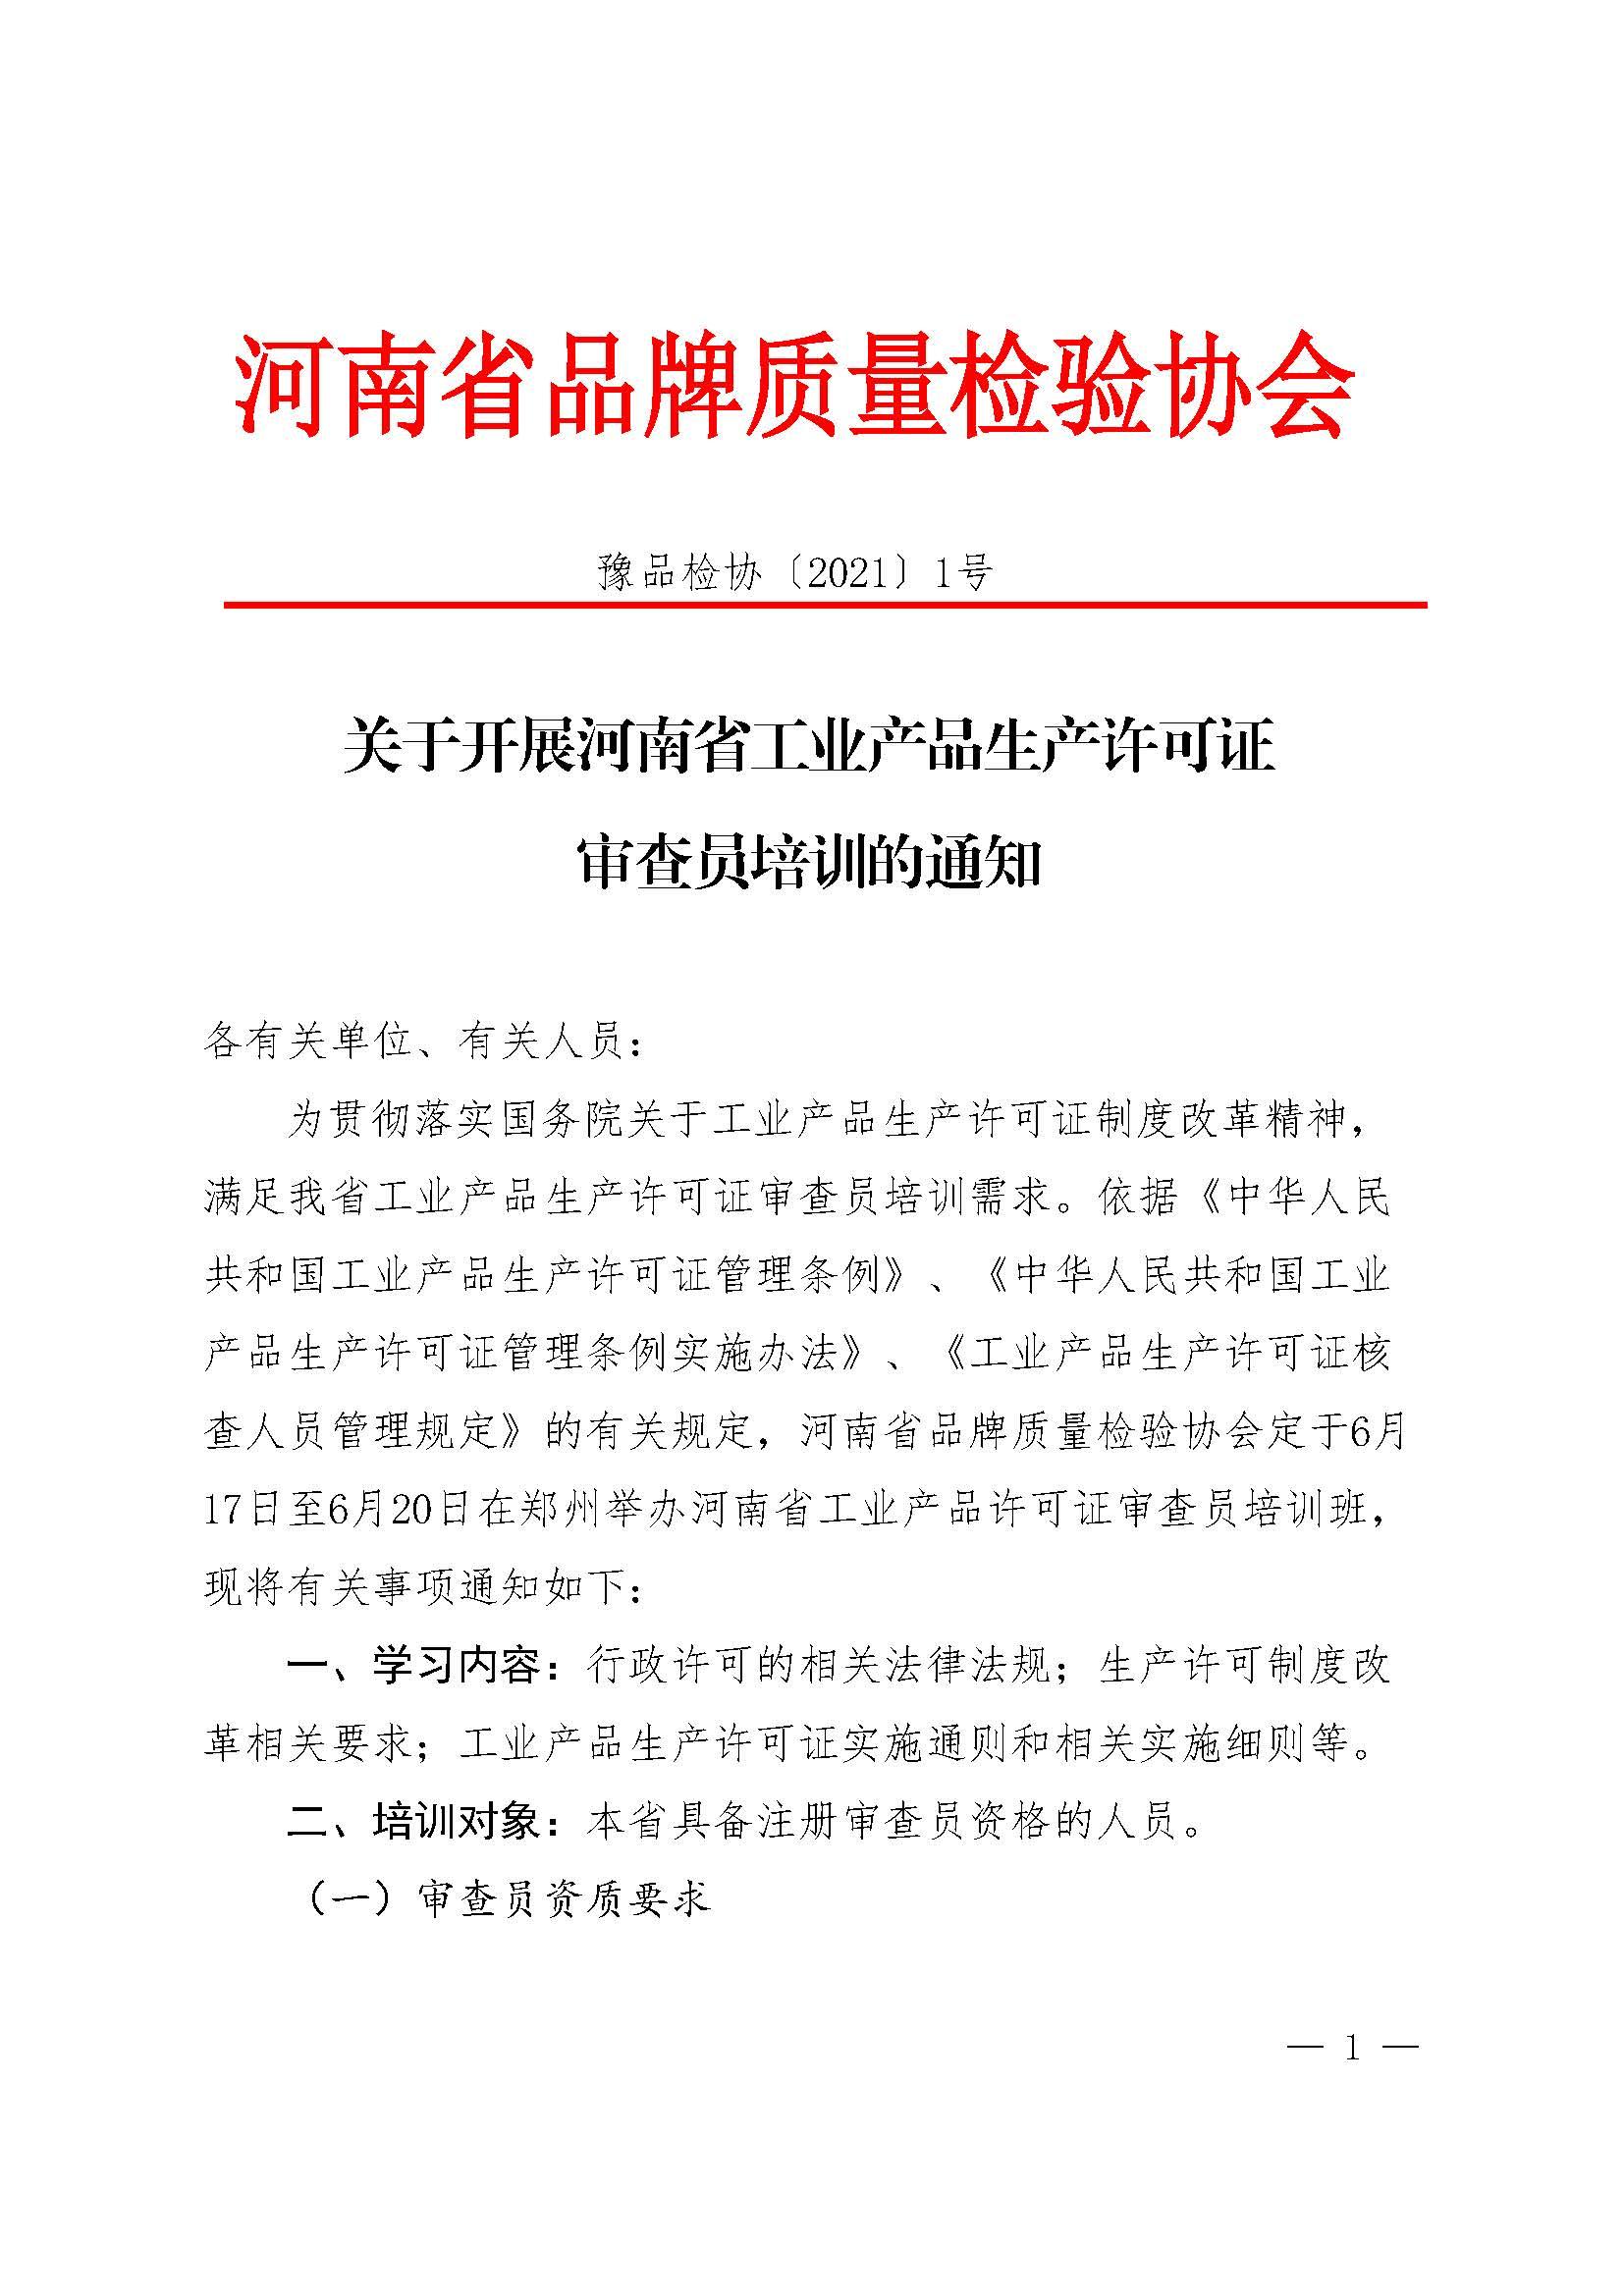 关于开展河南省工业产品生产许可证审查员培训的通知